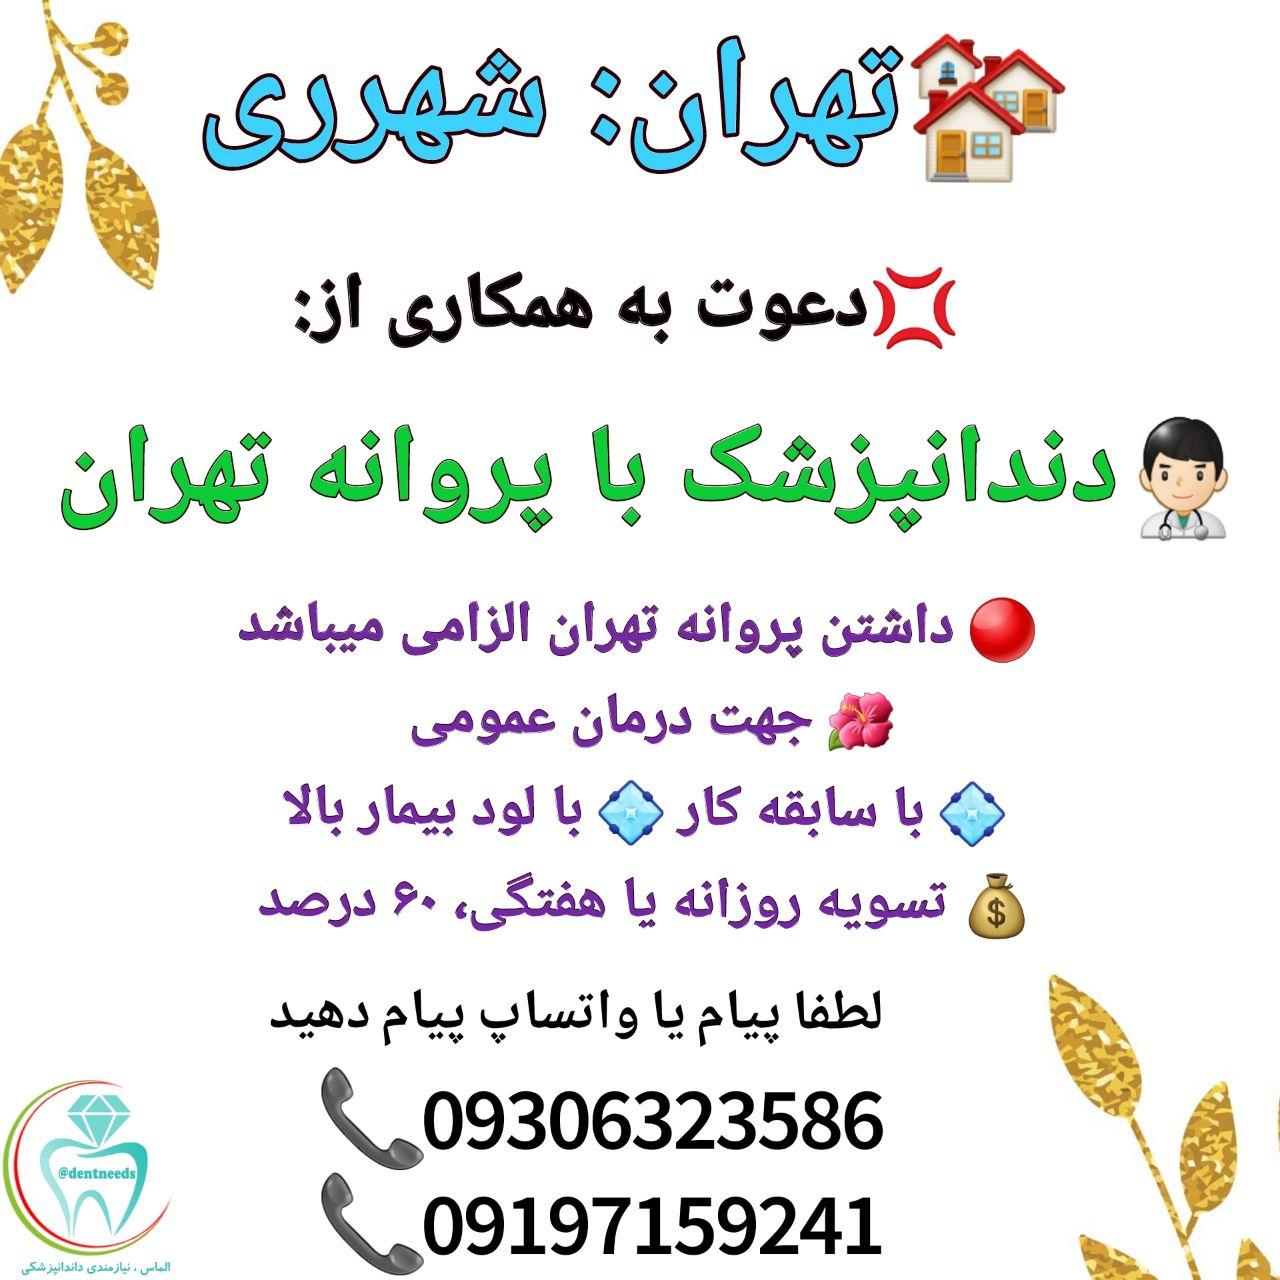 تهران: شهرری، نیاز به دندانپزشک با پروانه تهران